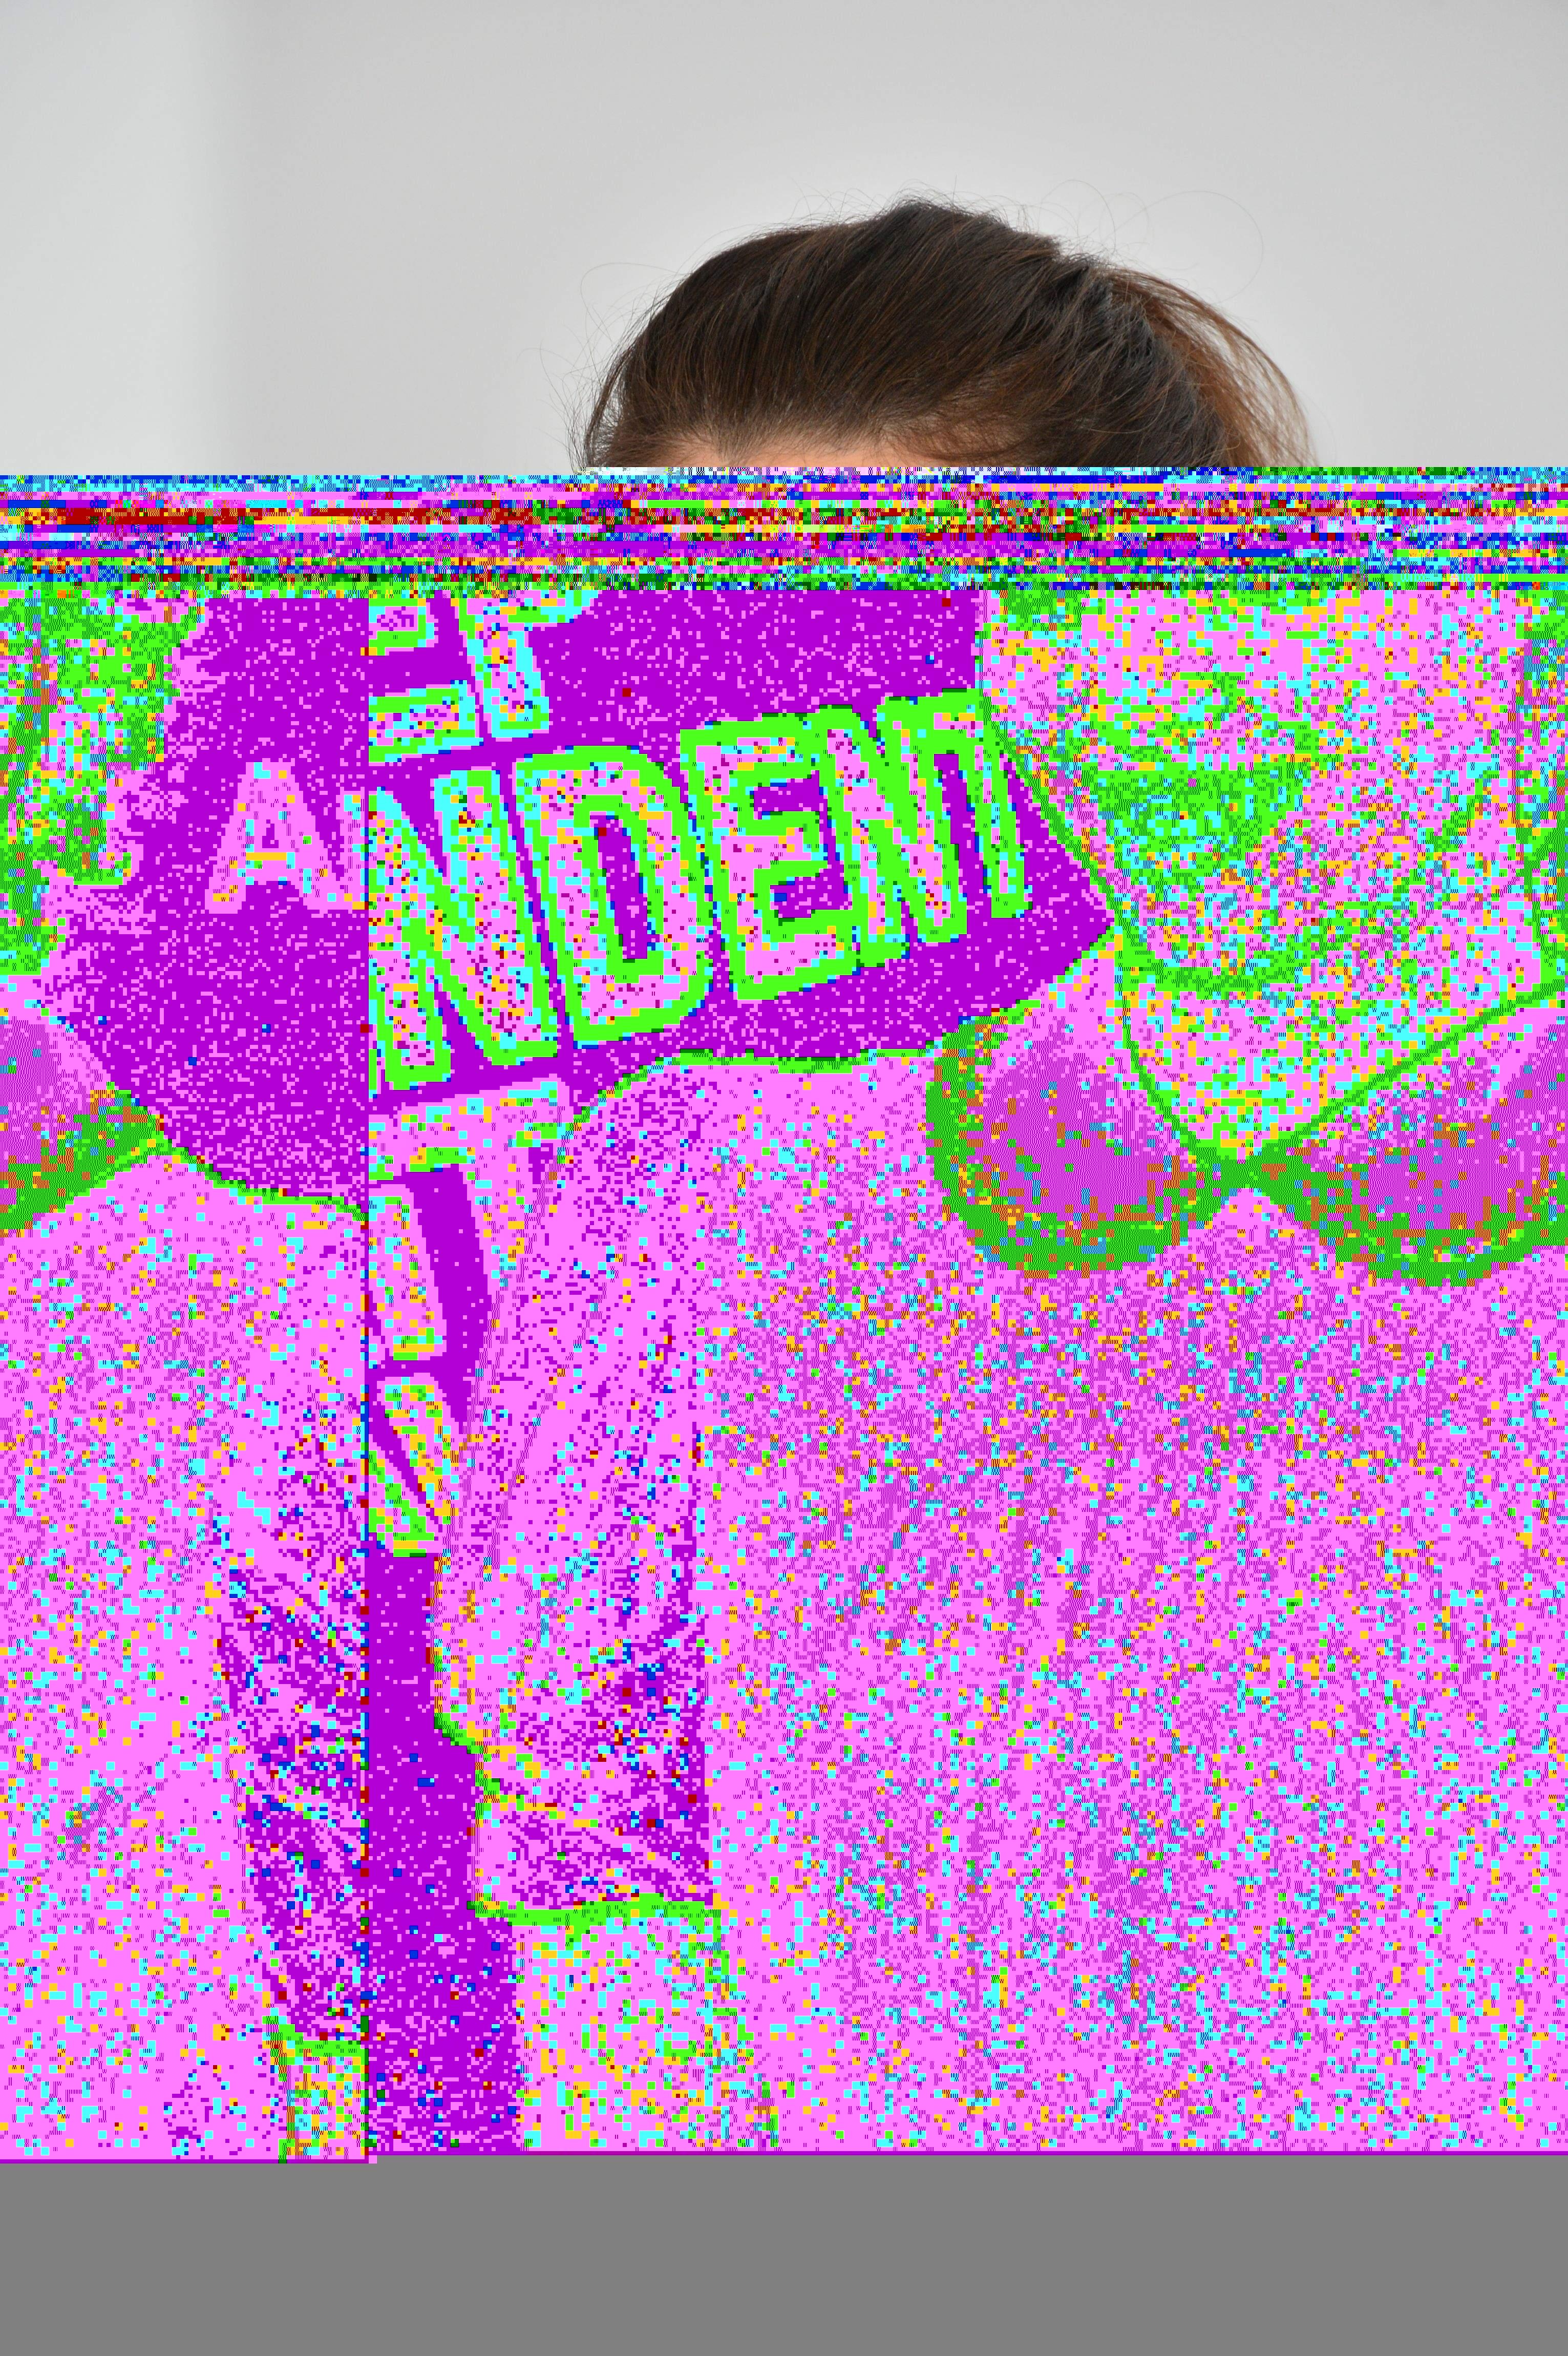 65088861_aubrey-plaza-04.jpg